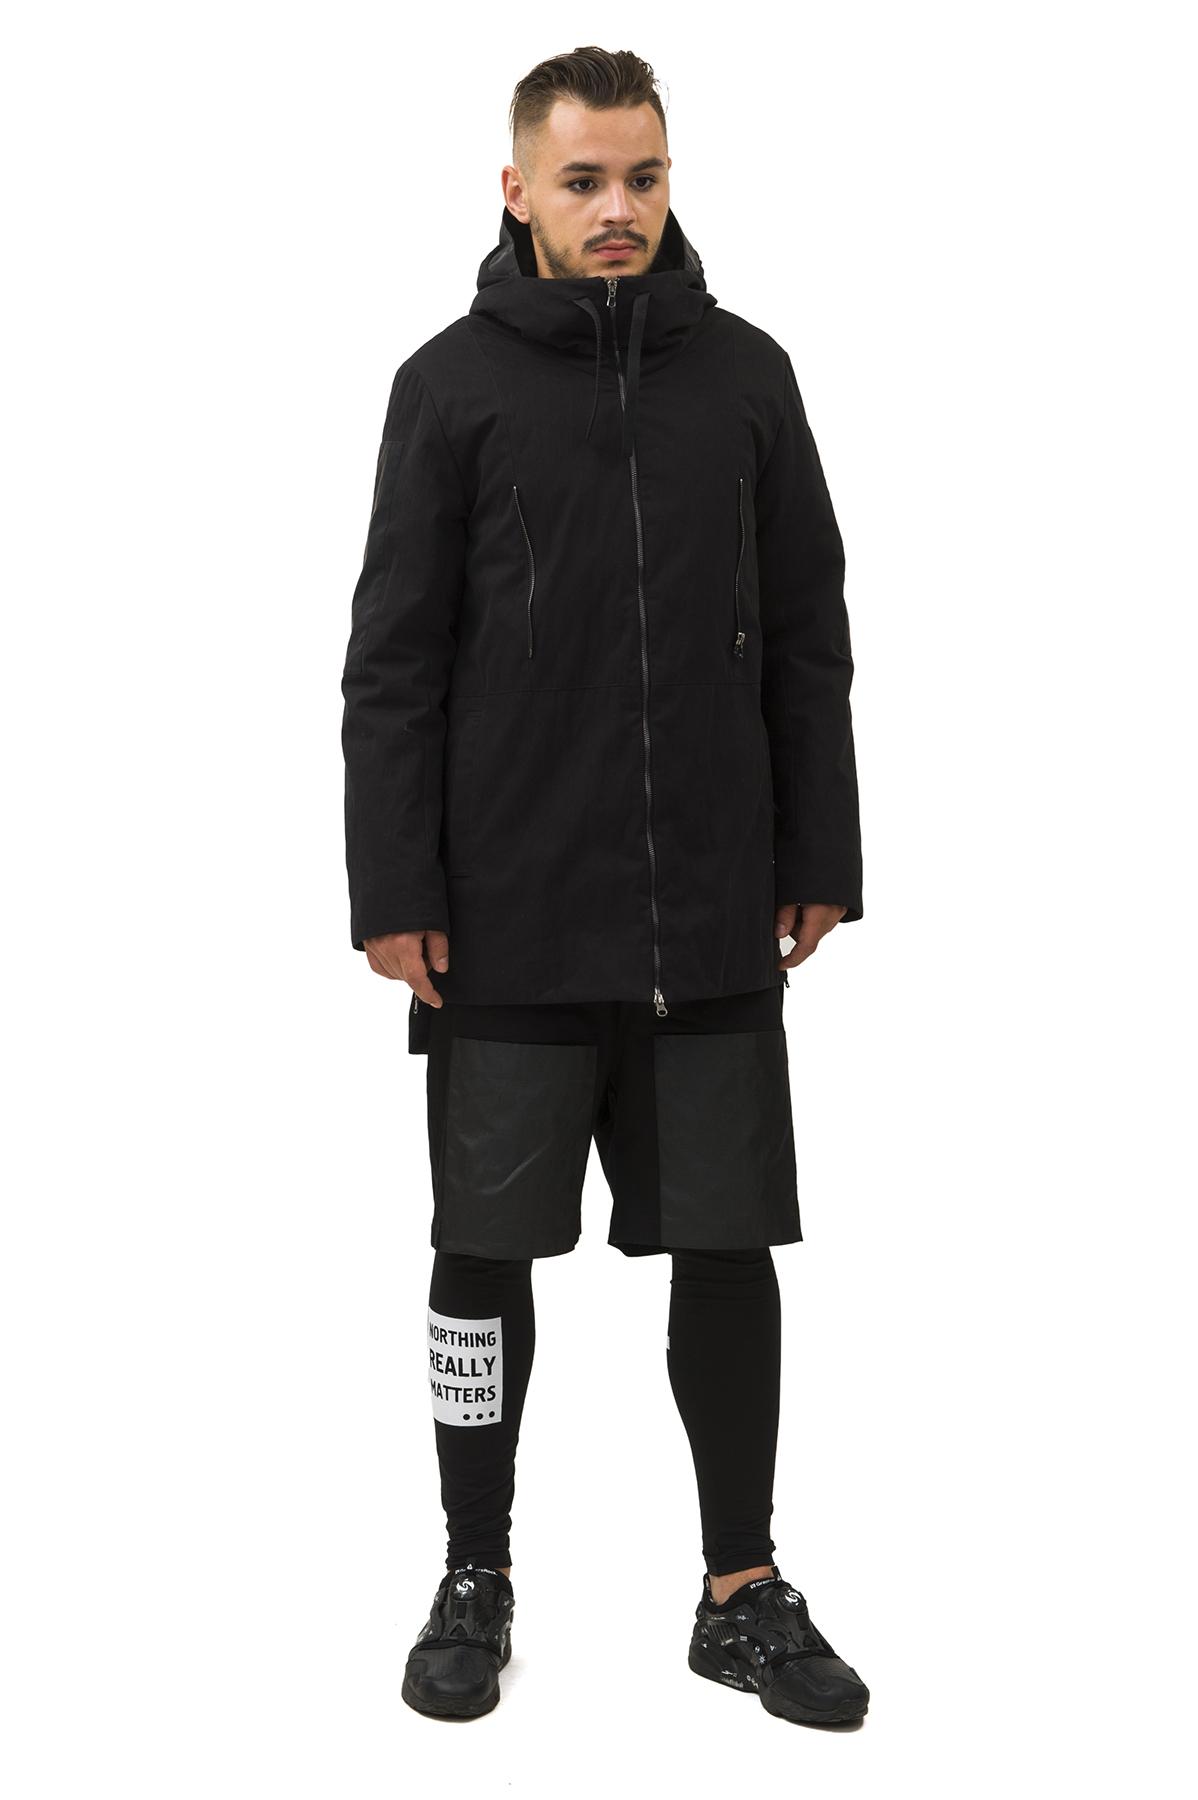 КурткаКуртки, пальто, ветровки<br>Куртка  Pavel Yerokin выполнена из прочного хлопкового текстиля. Особенности: прямой крой, асимметричный низ, 2 кармана в боковых швах, 1 внутренний карман, высокая стойка, капюшон со шнуром, сумка-рюкзак с возможностью носить на куртке спереди и сзади.<br><br>Цвет: черный<br>Состав: Материал 1 - Хлопок - 73%, Нейлон - 27%  Материал 2 - Полиэстер - 100%<br>Размер: 44,46,48,50,52<br>Страна дизайна: Россия<br>Страна производства: Россия